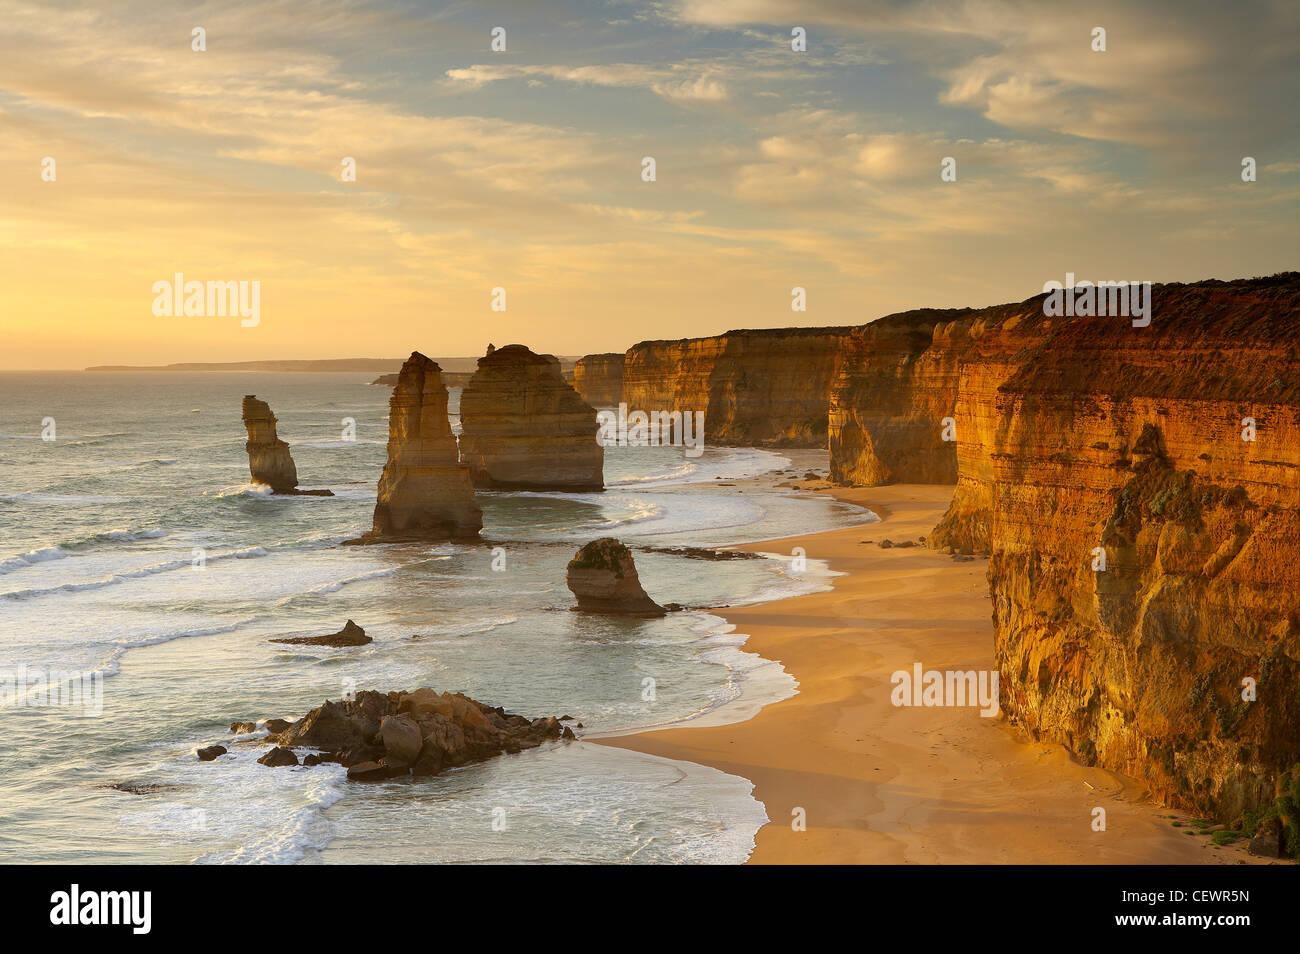 Il litorale eroso dei dodici apostoli, Parco Nazionale di Port Campbell, Great Ocean Road, Victoria, Australia Immagini Stock